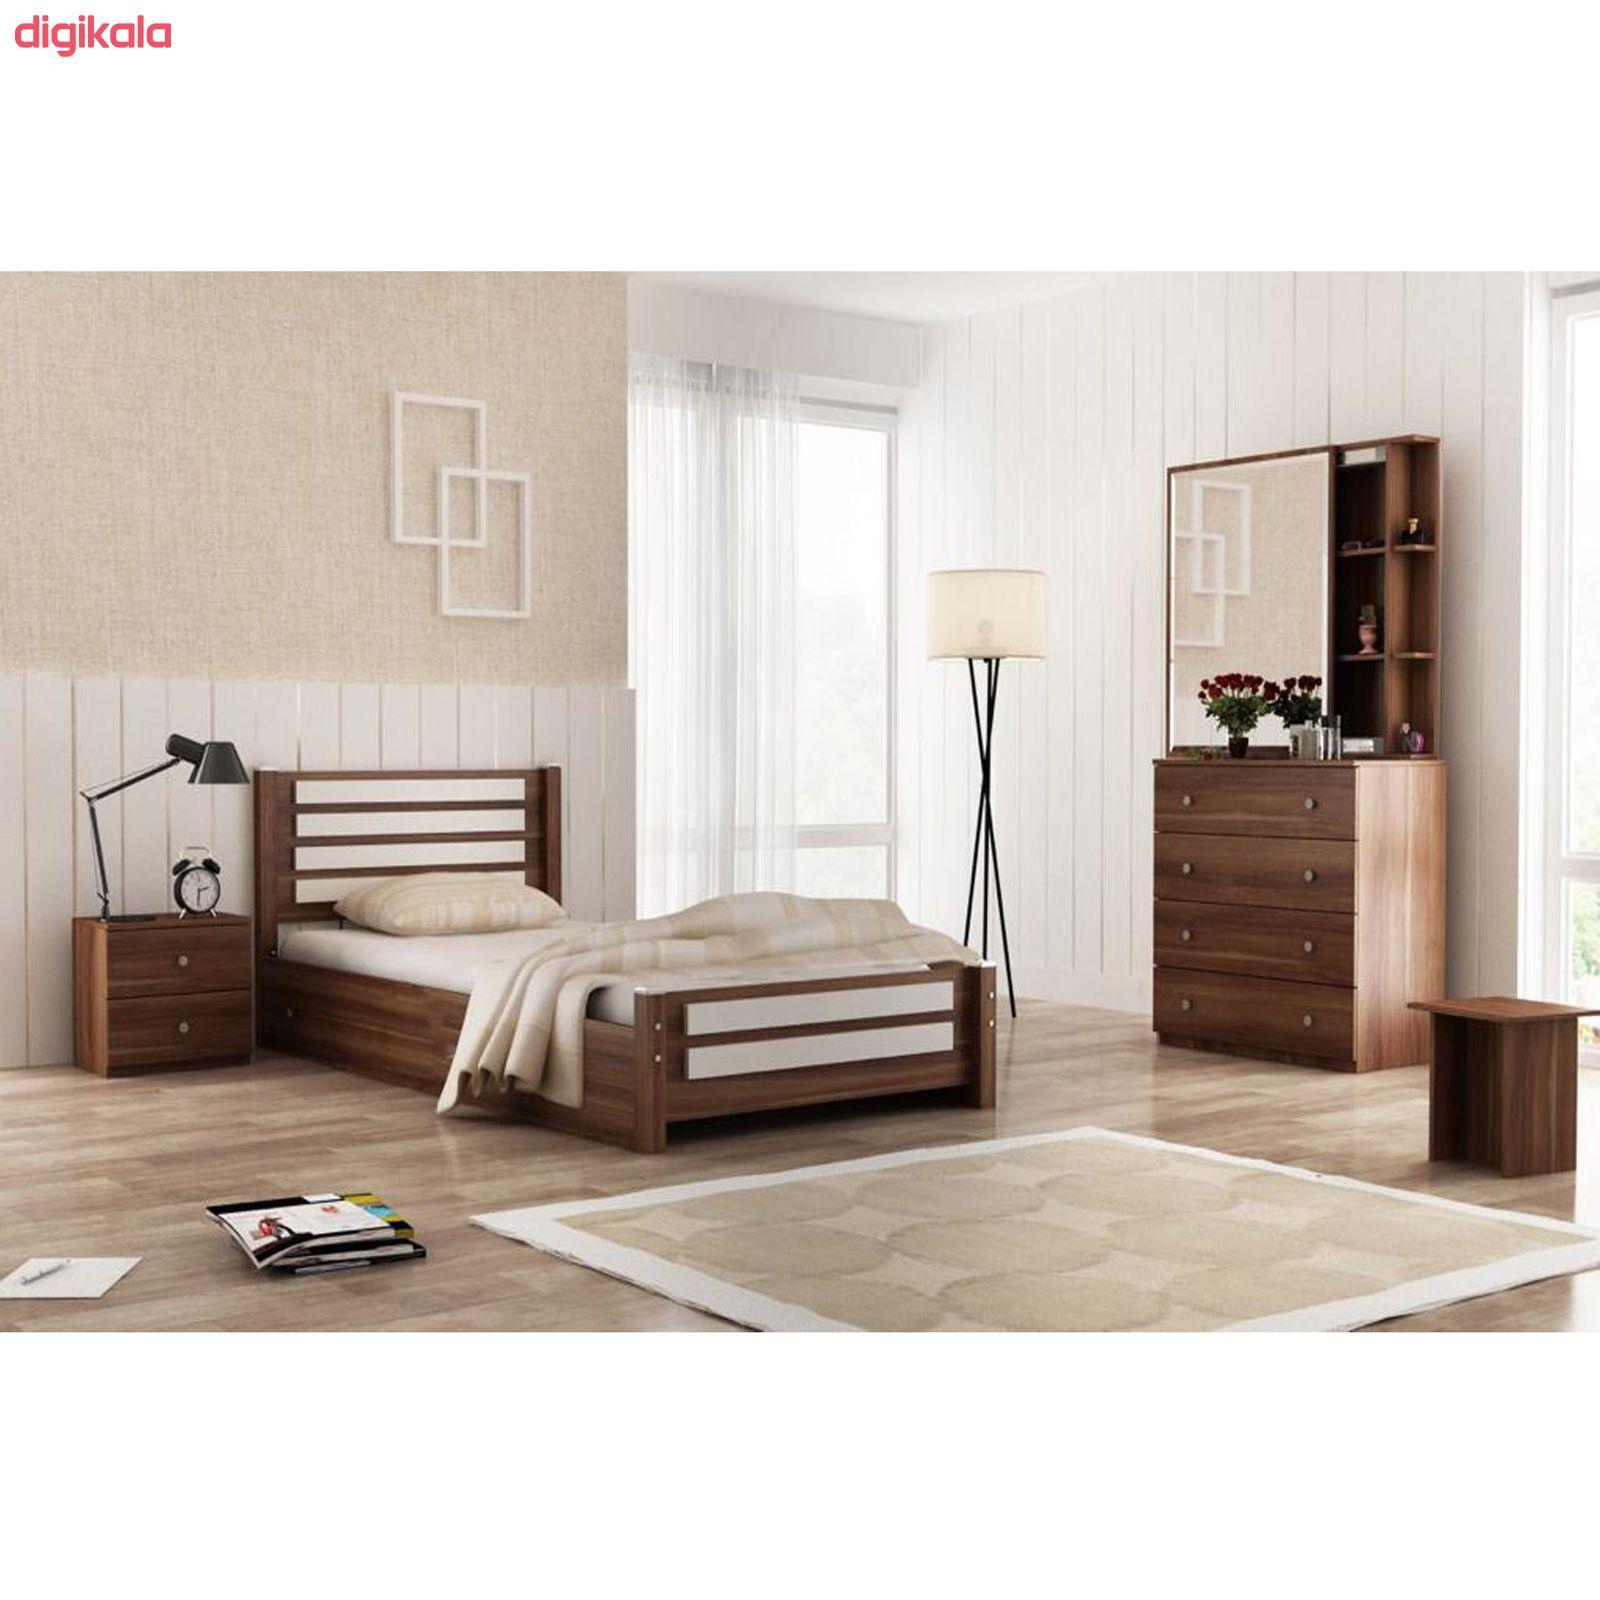 تخت خواب یک نفره مدل AK_B_Senator سایز ۹۰x۲۰۰ سانتی متر main 1 5